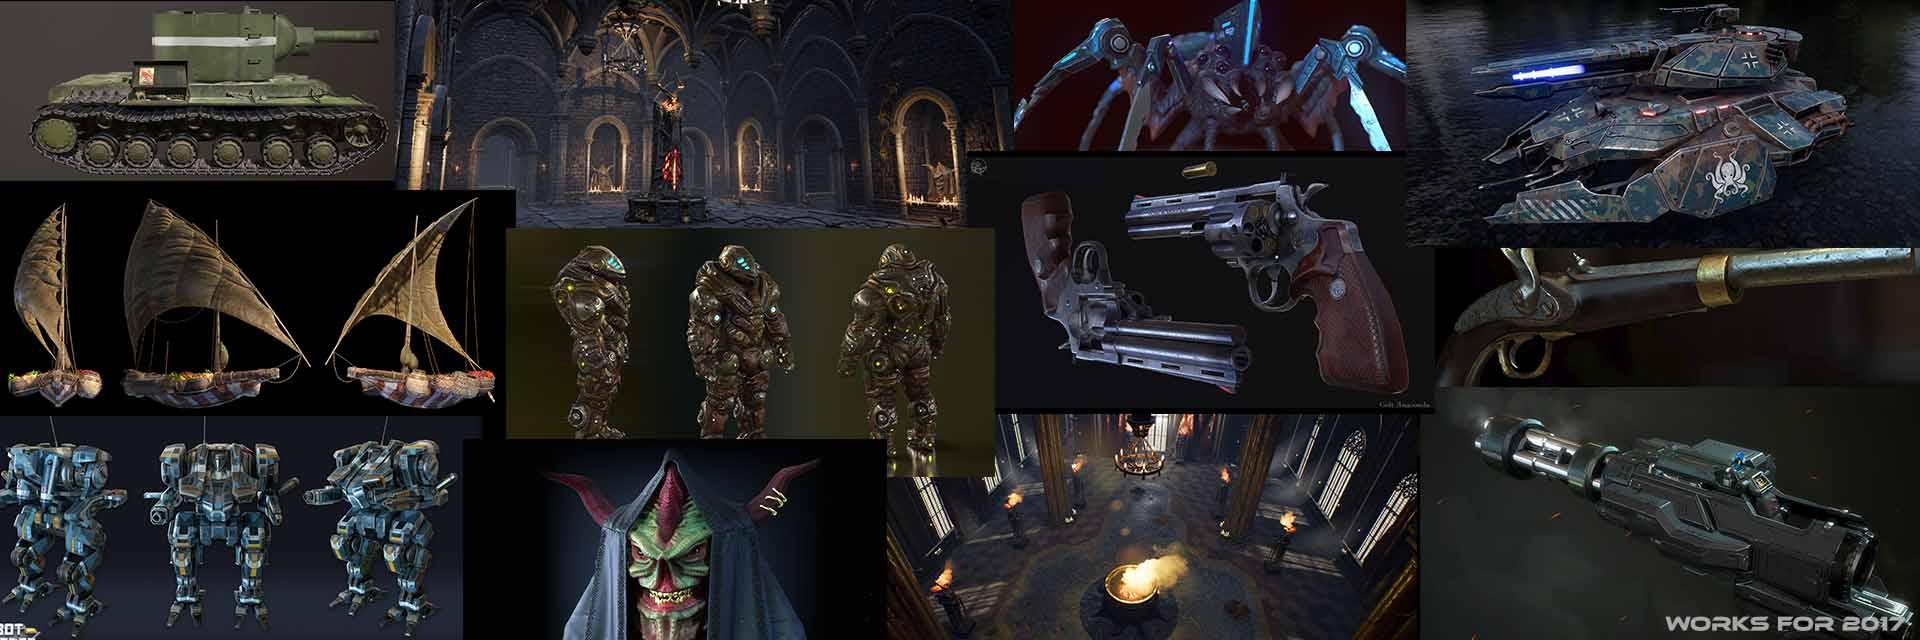 p1 | 3D 2D Artist.Game Low-poly,sculpting (Персонажи,окружение и тд)